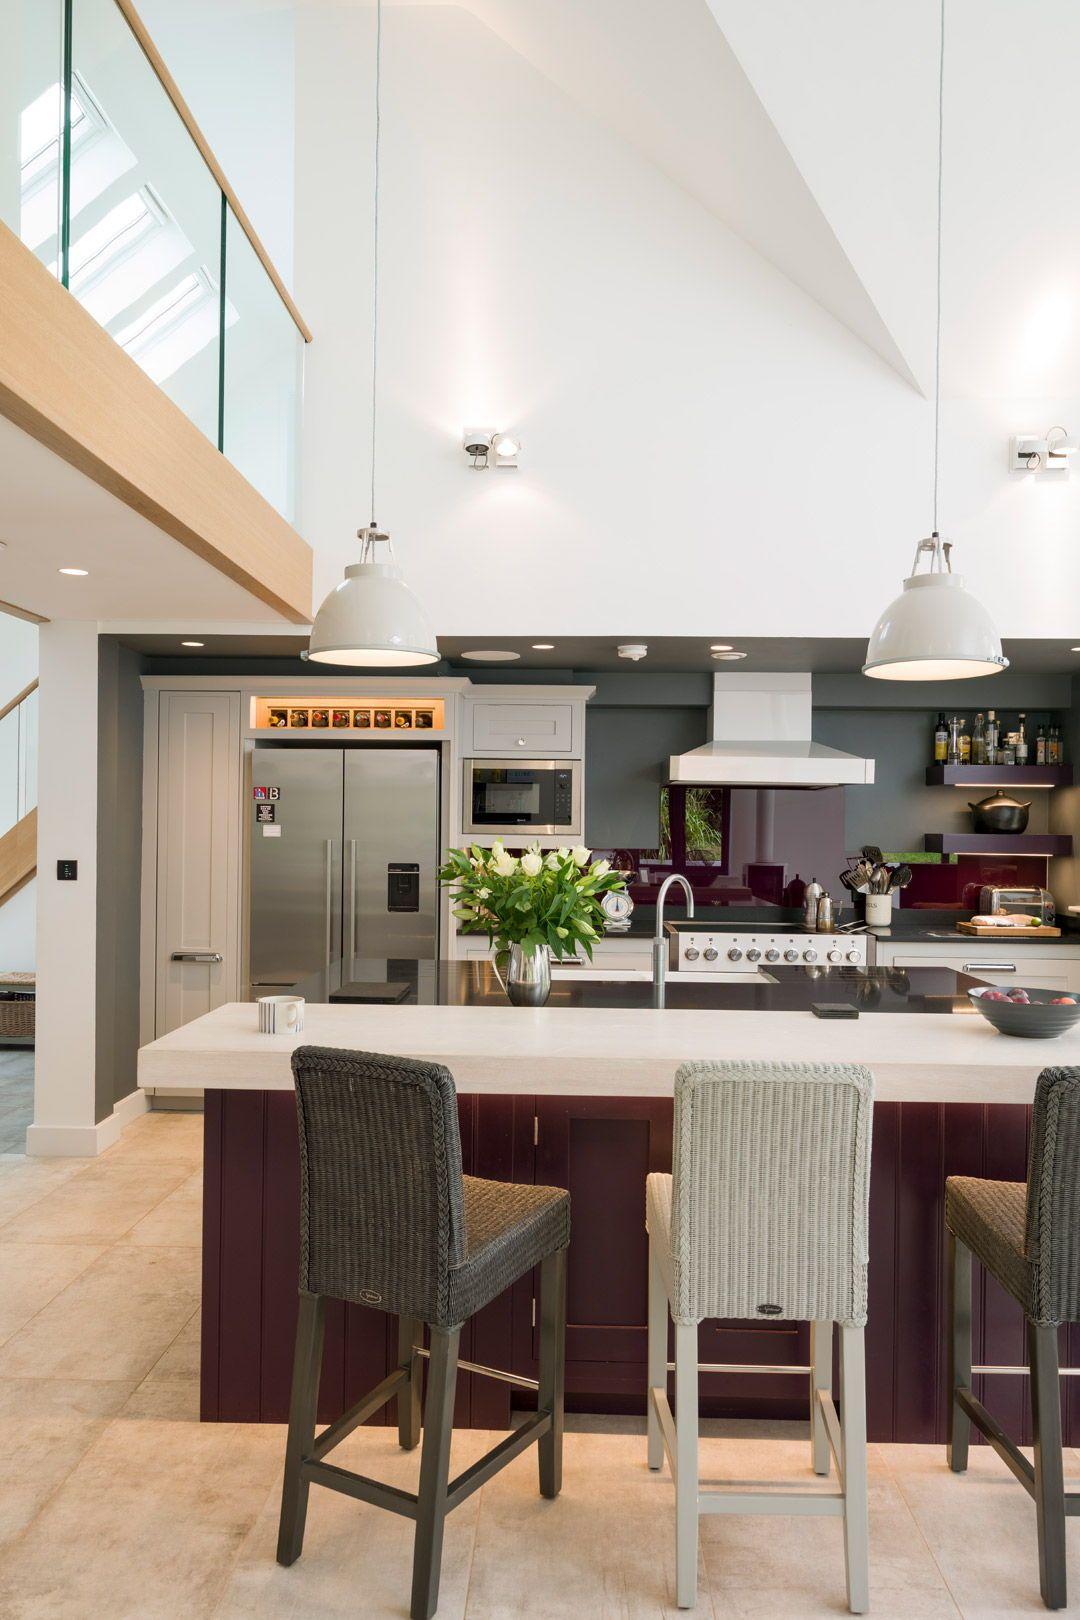 Design Your Own Kitchen: Breakfast Bar In Modern Kitchen Ideas. Building Your Own